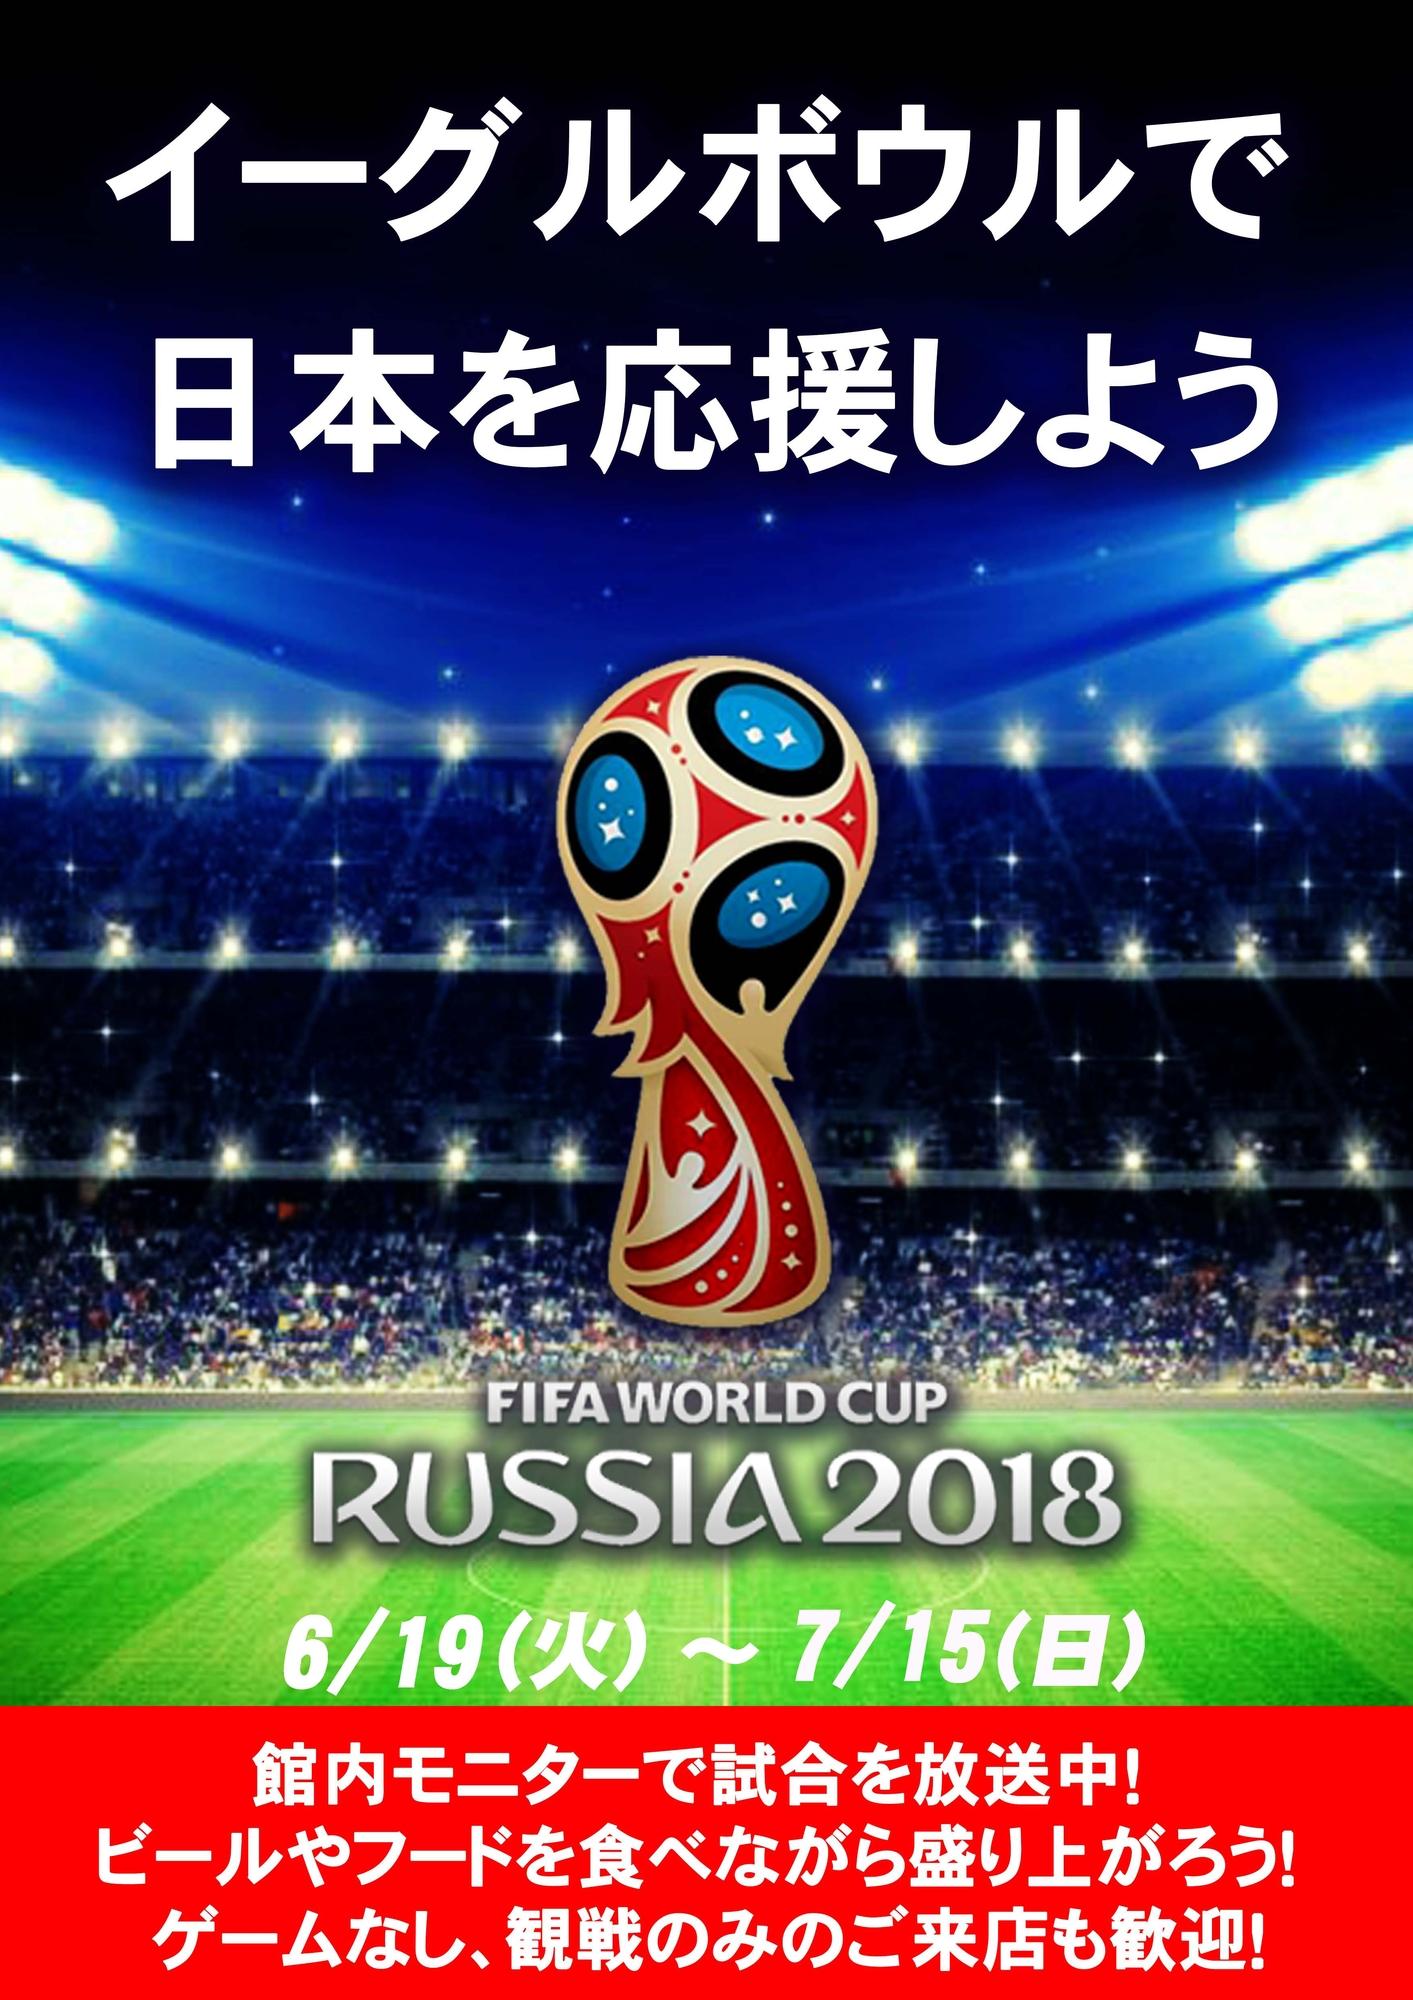 ワールドカップ日本代表を応援しよう!!